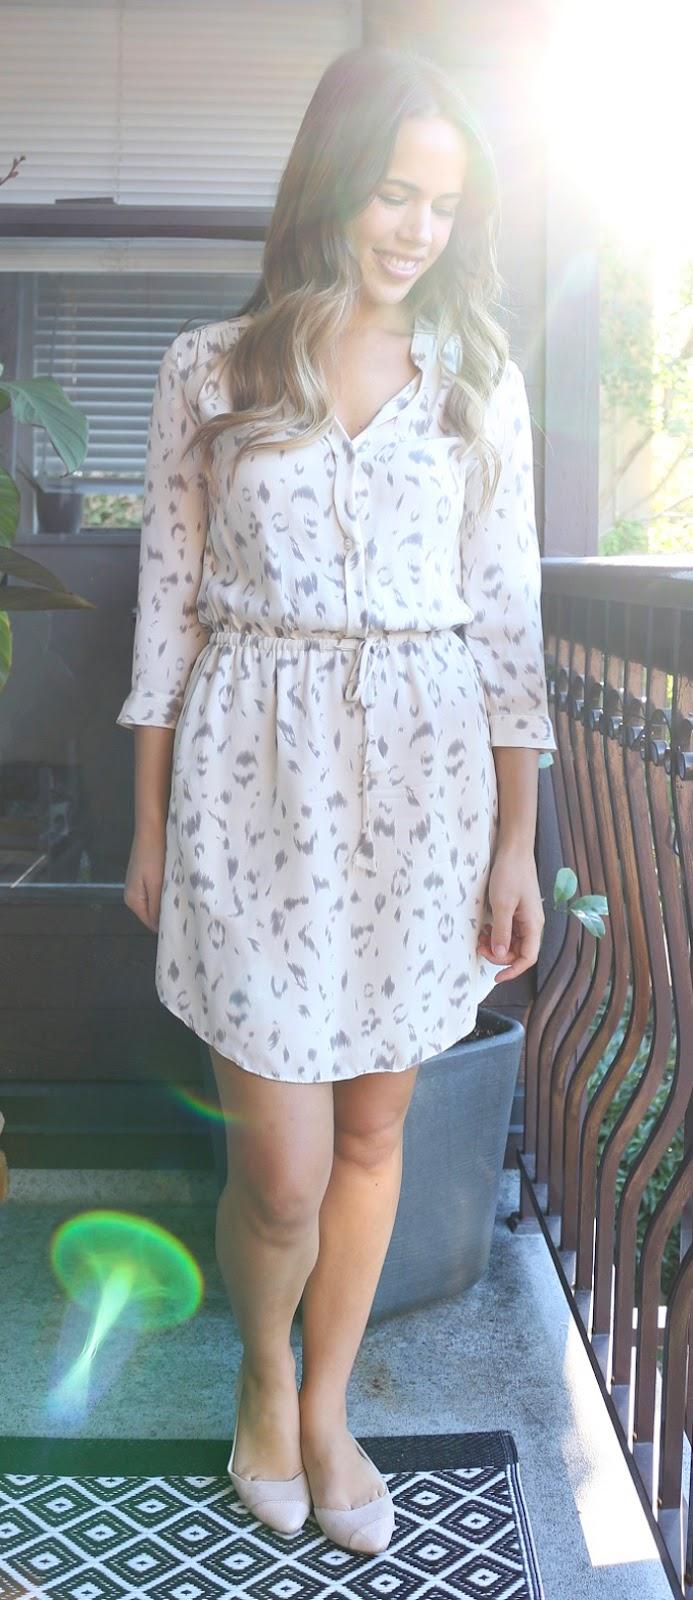 Jules in Flats September Outfit - Aritzia Bennett Dress, Aldo Flats